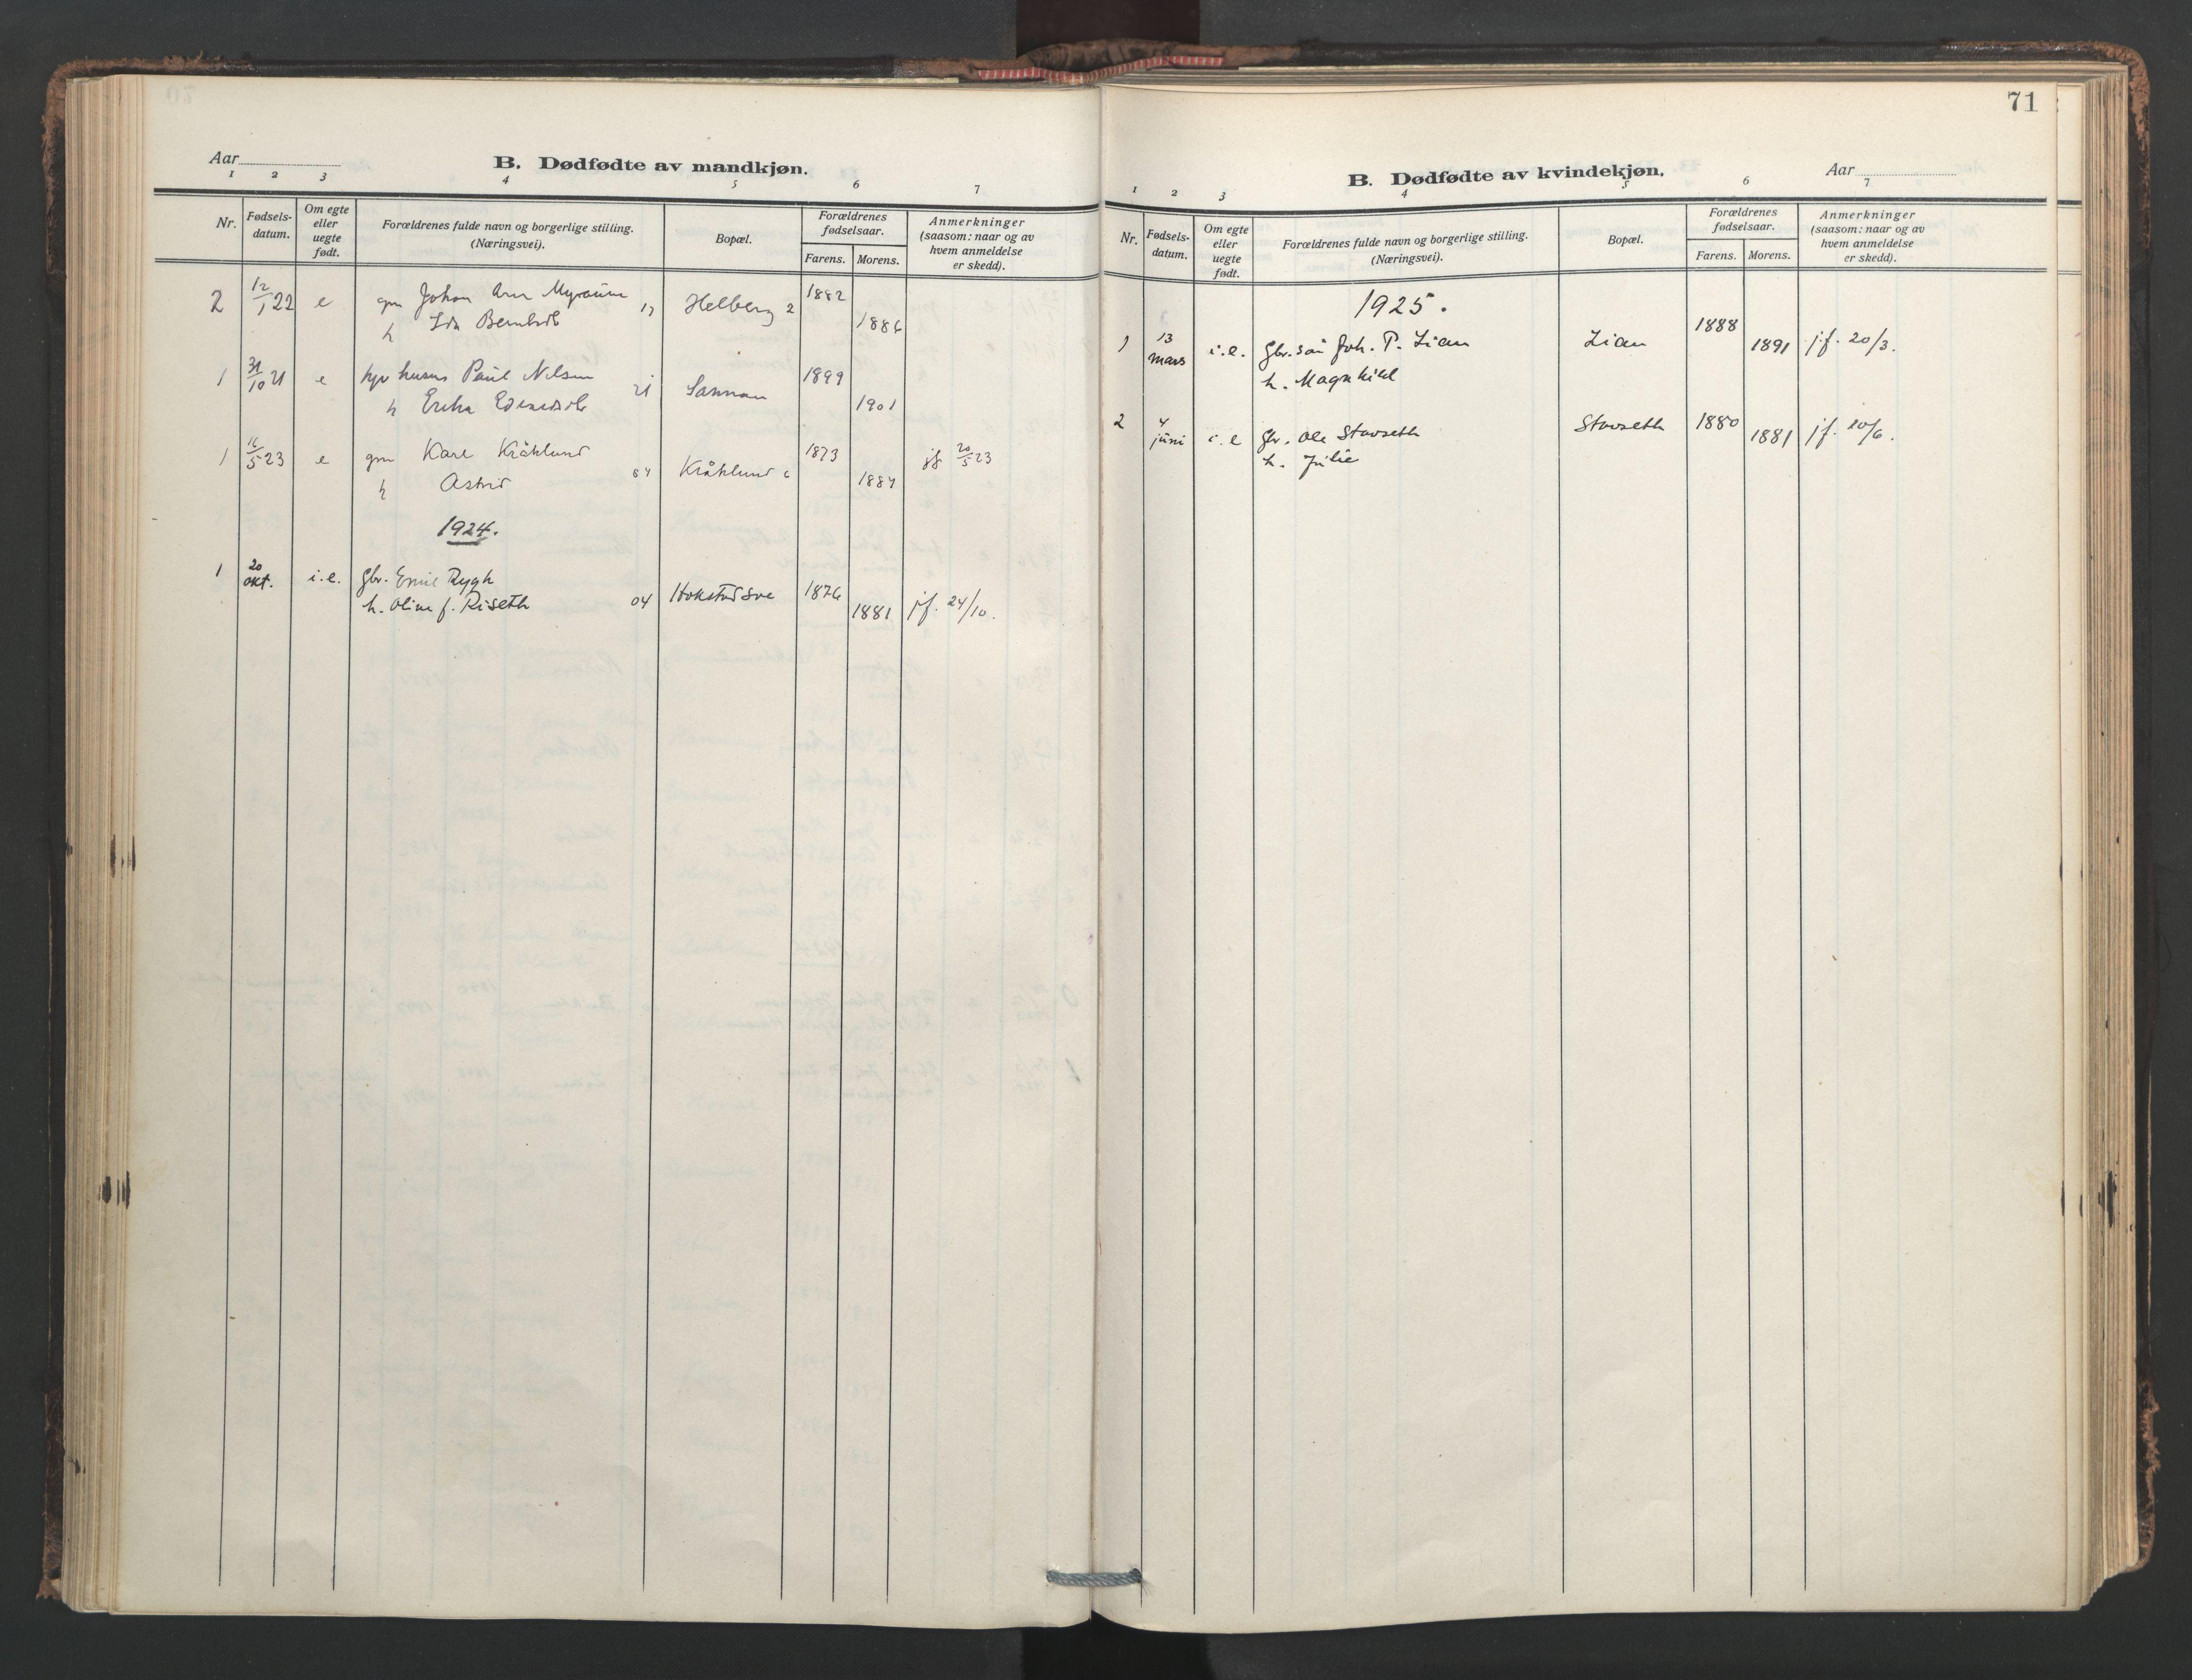 SAT, Ministerialprotokoller, klokkerbøker og fødselsregistre - Nord-Trøndelag, 713/L0123: Ministerialbok nr. 713A12, 1911-1925, s. 71